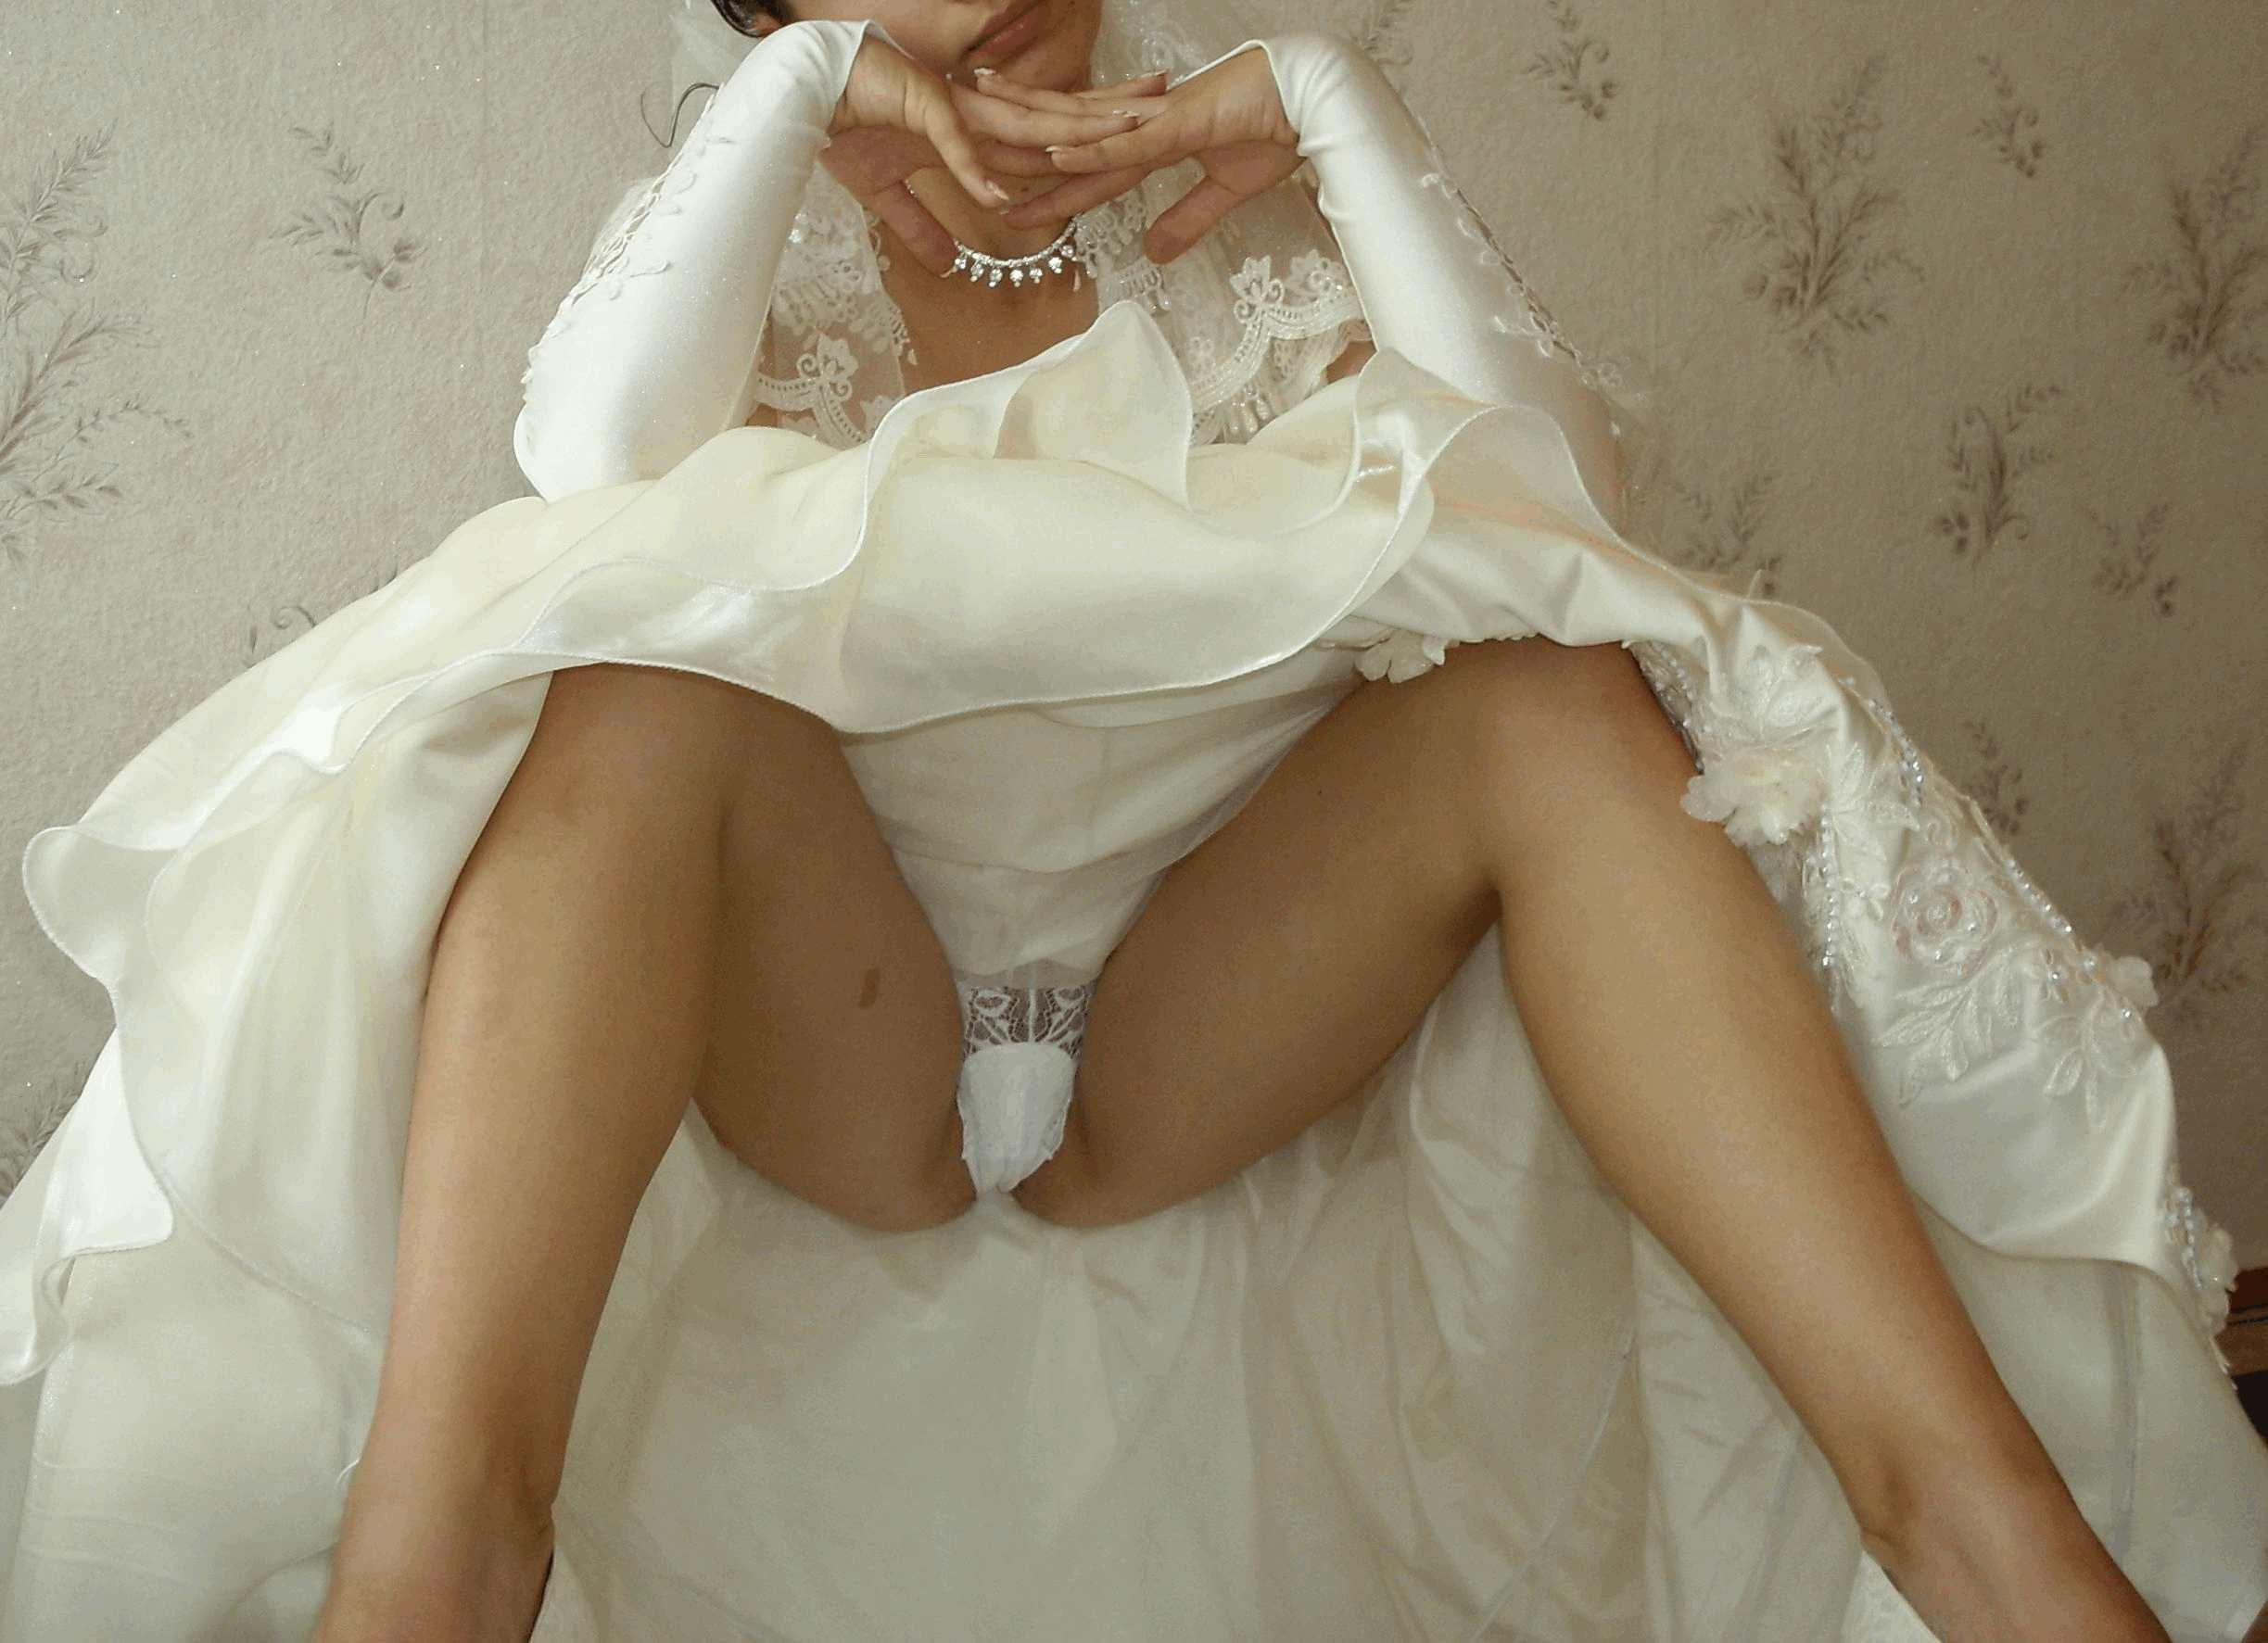 Фото в трусиках невест 6 фотография